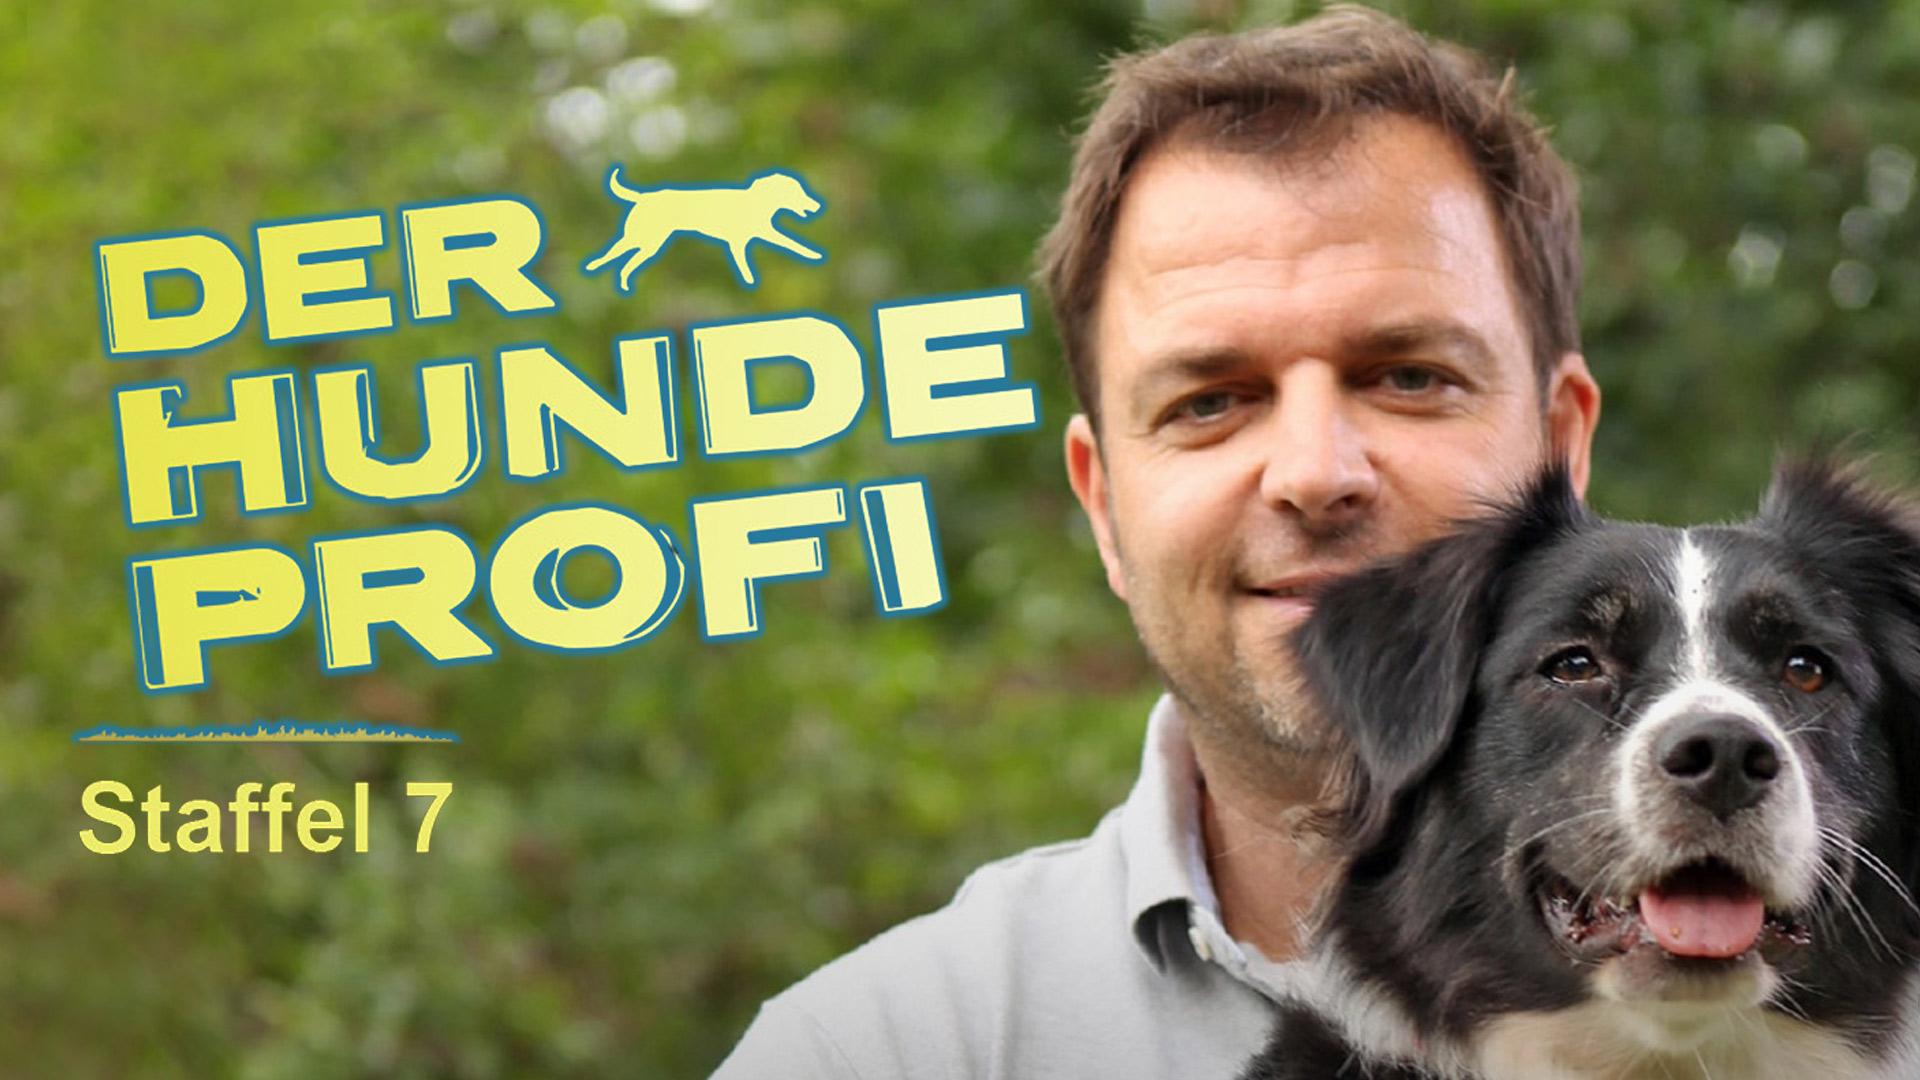 Der Hundeprofi S07e03 Fall Lucy Und Fall Anton Fernsehserien De